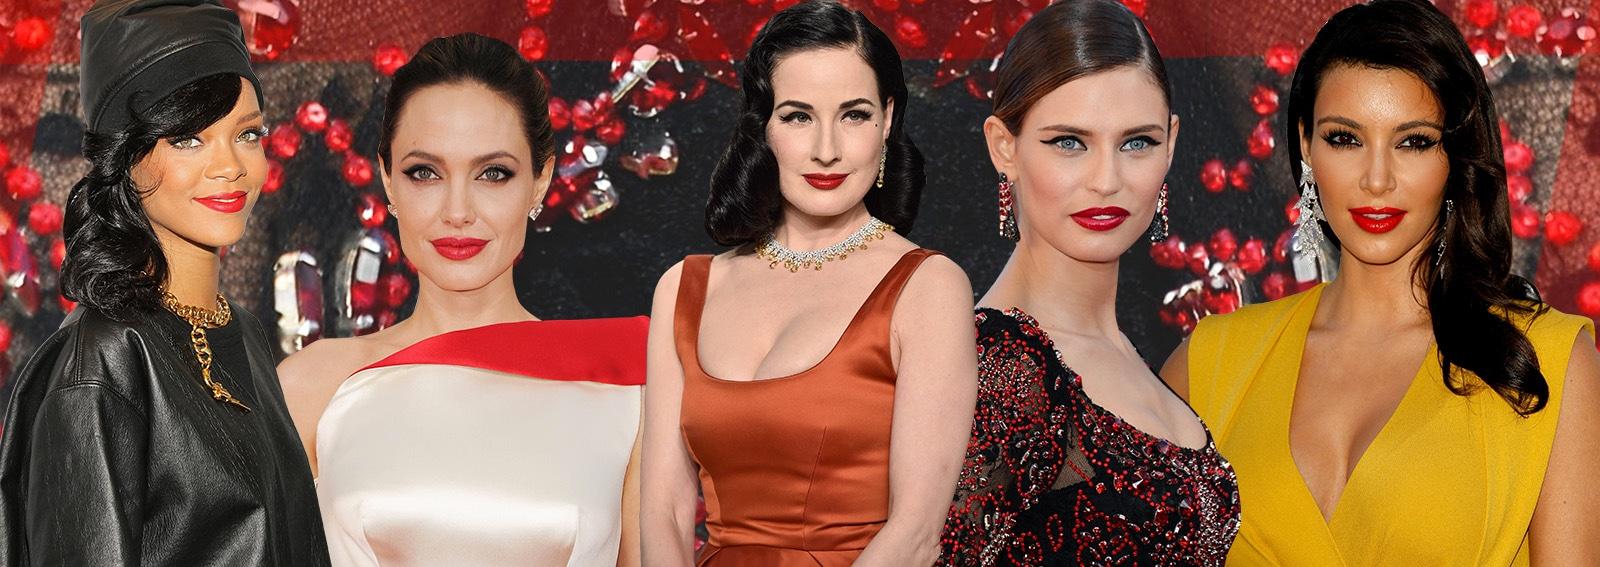 cover-trucco-rossetto-rosso-e-eyeliner-desktop